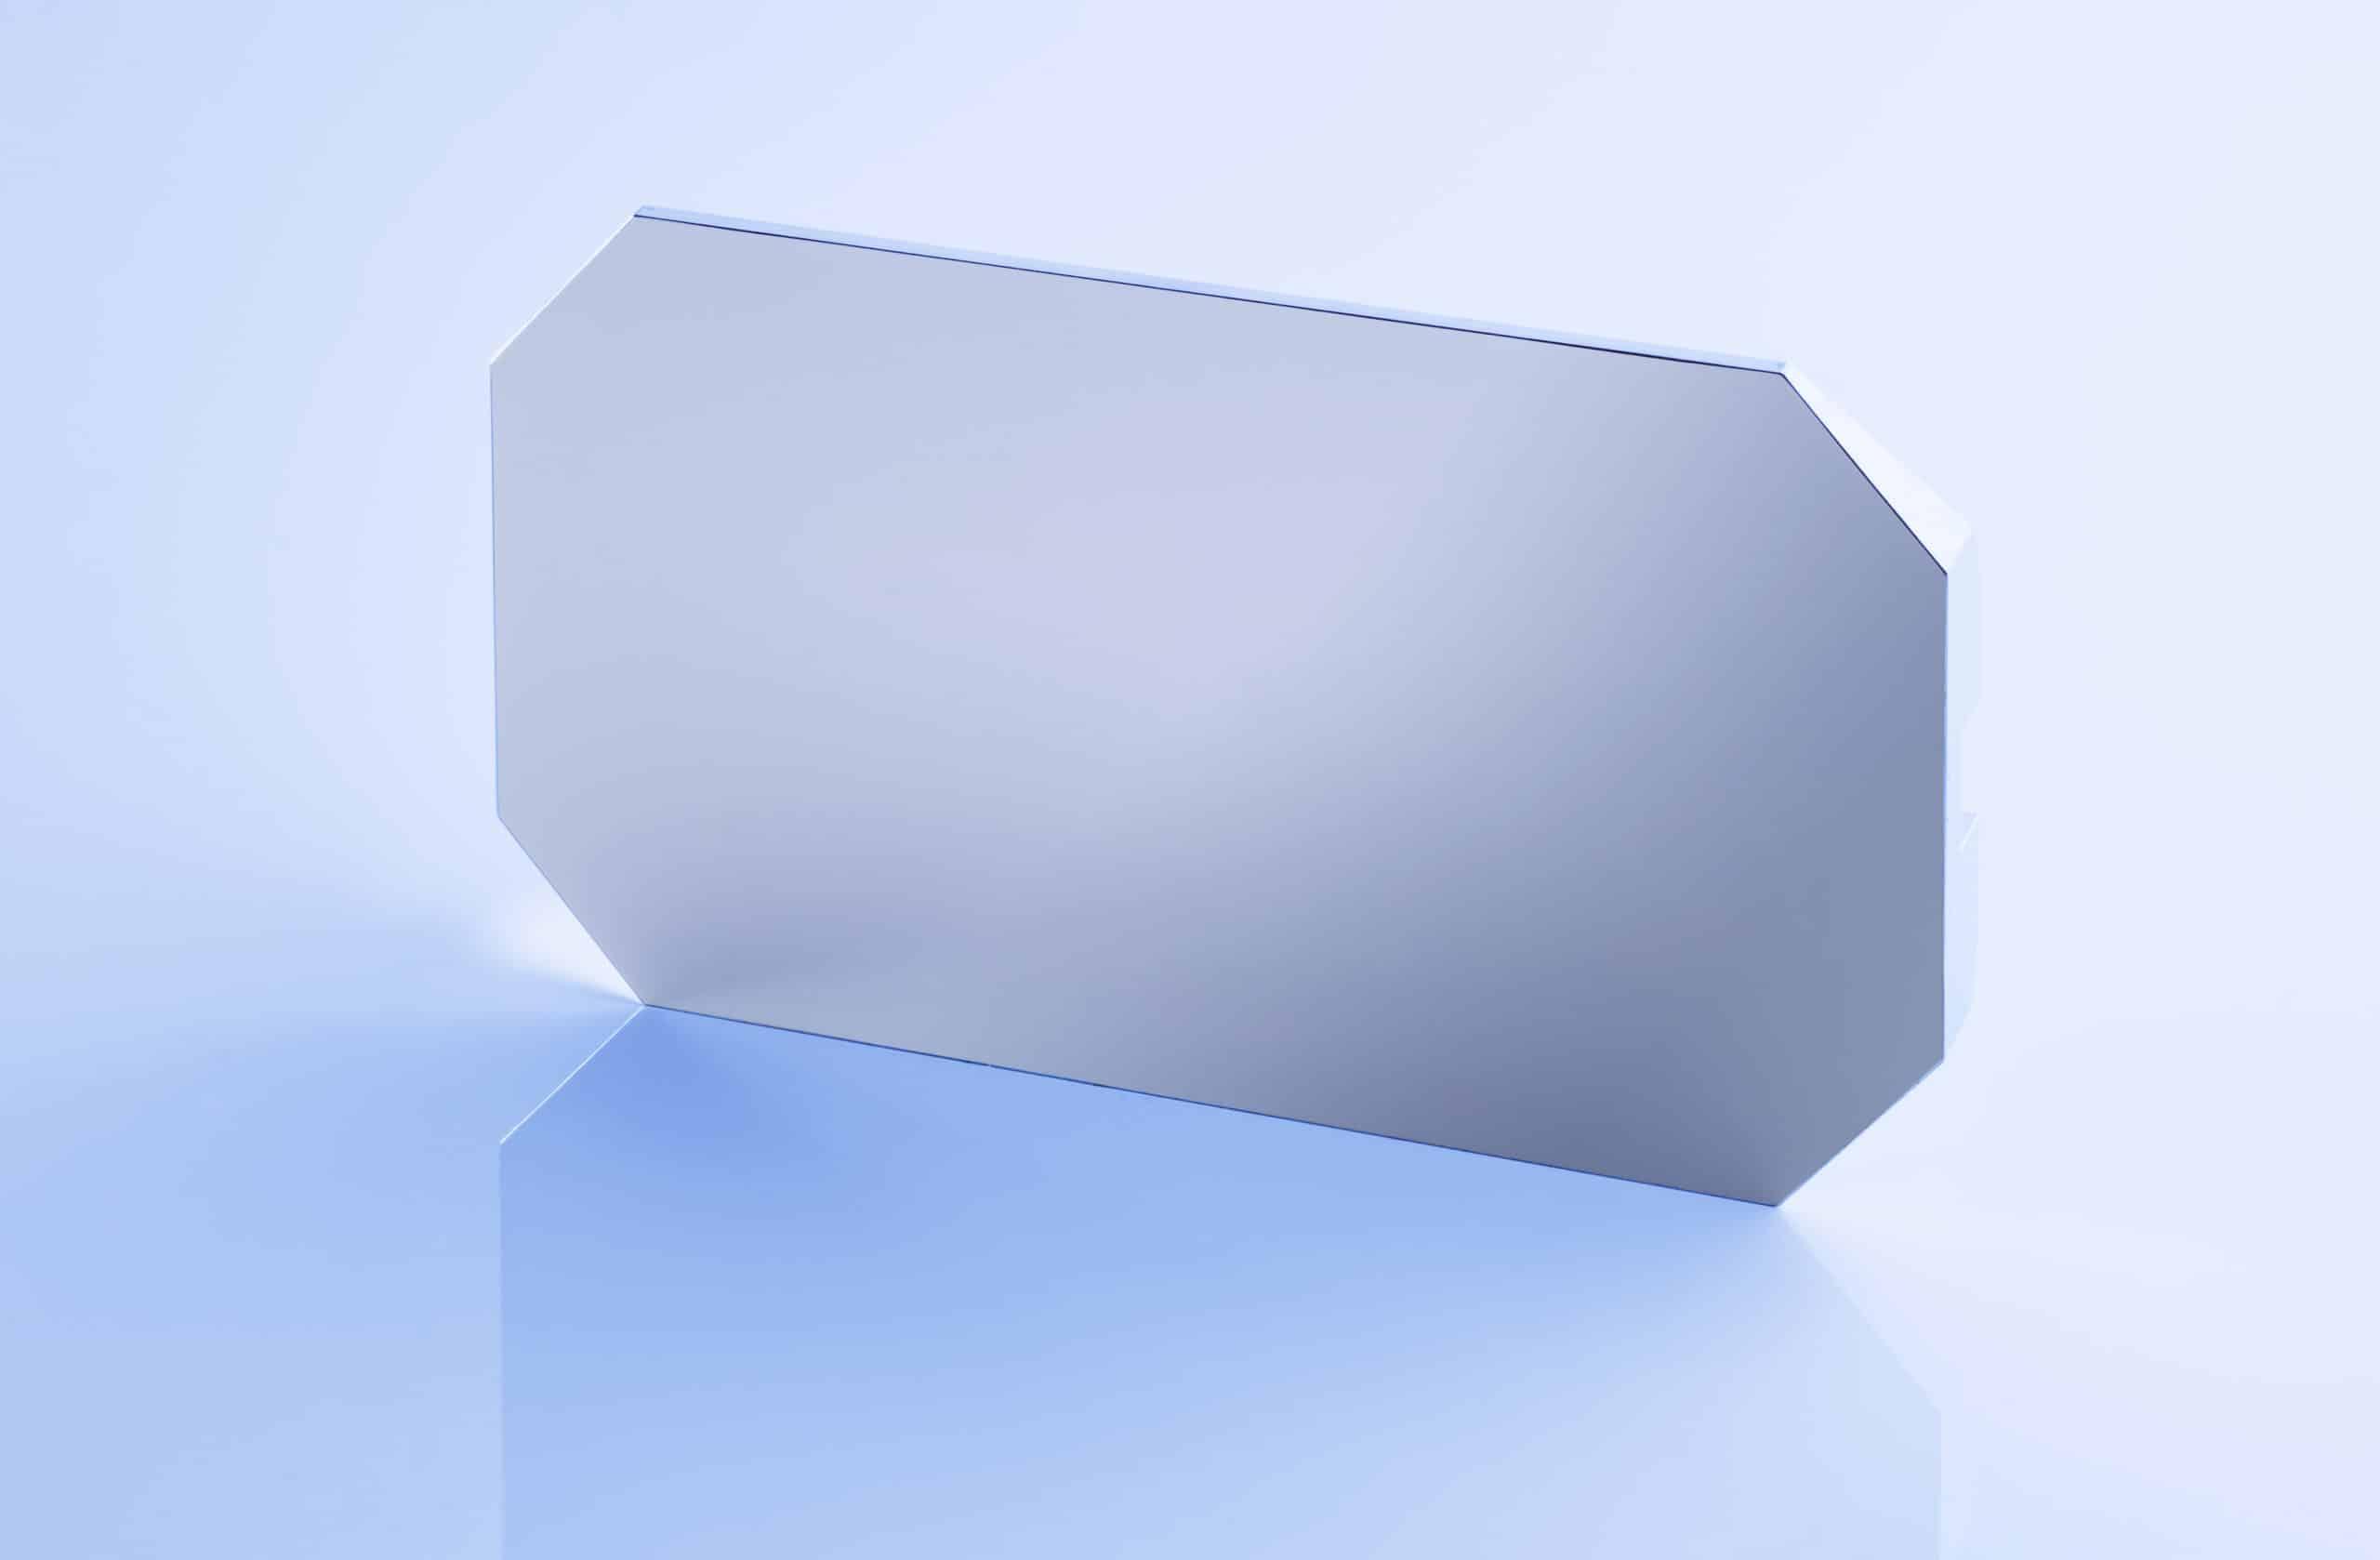 metallic coating